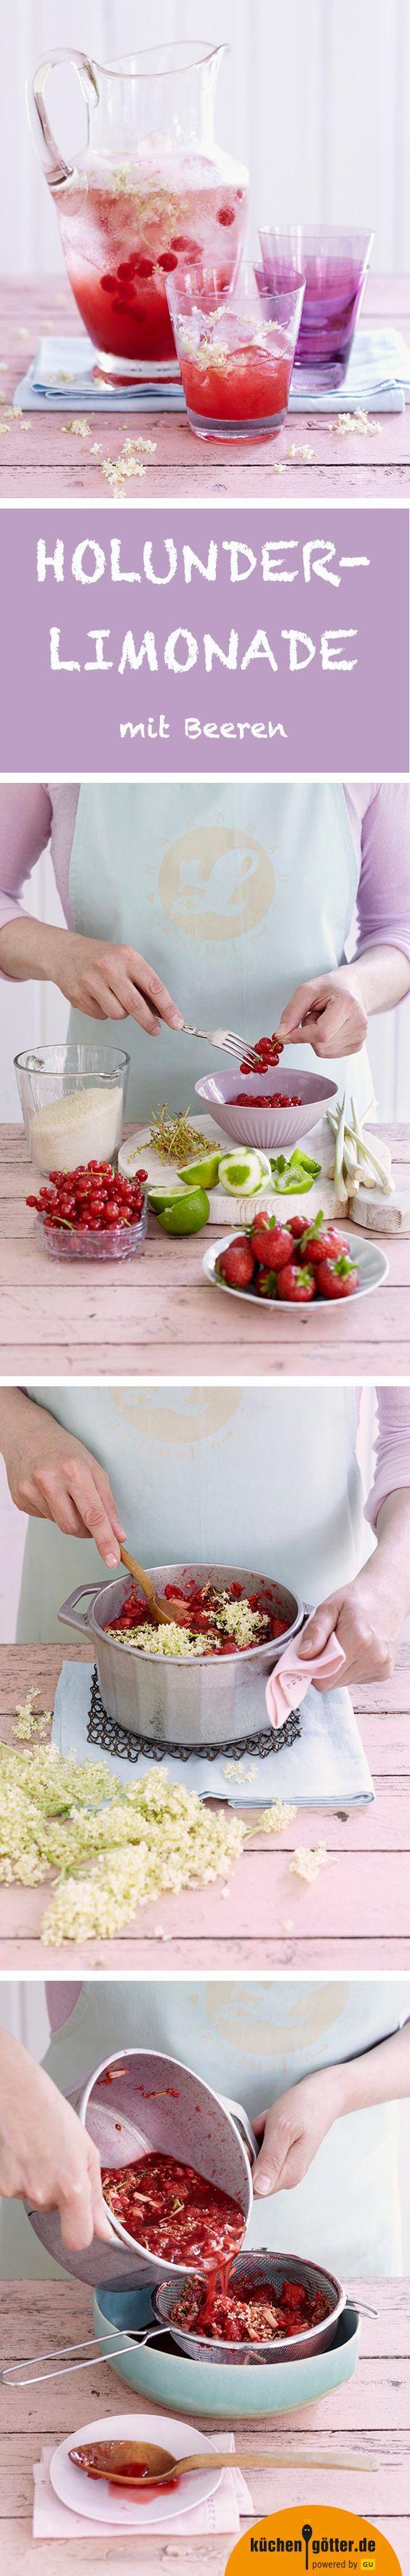 HOLUNDERLIMONADE MIT BEEREN - Als hätte man den Sommer im Glas: An heißen Tagen sorgt diese fruchtige Limo aus selbst gemachtem Holunderblütensirup, Erdbeeren und Johannisbeeren für prickelnde Erfrischung. Wer auf die leicht würzige Schärfe Ingwers steht, kann das Rezept auch noch anpassen: Einfach statt Zitronengras Ingwer verwenden.